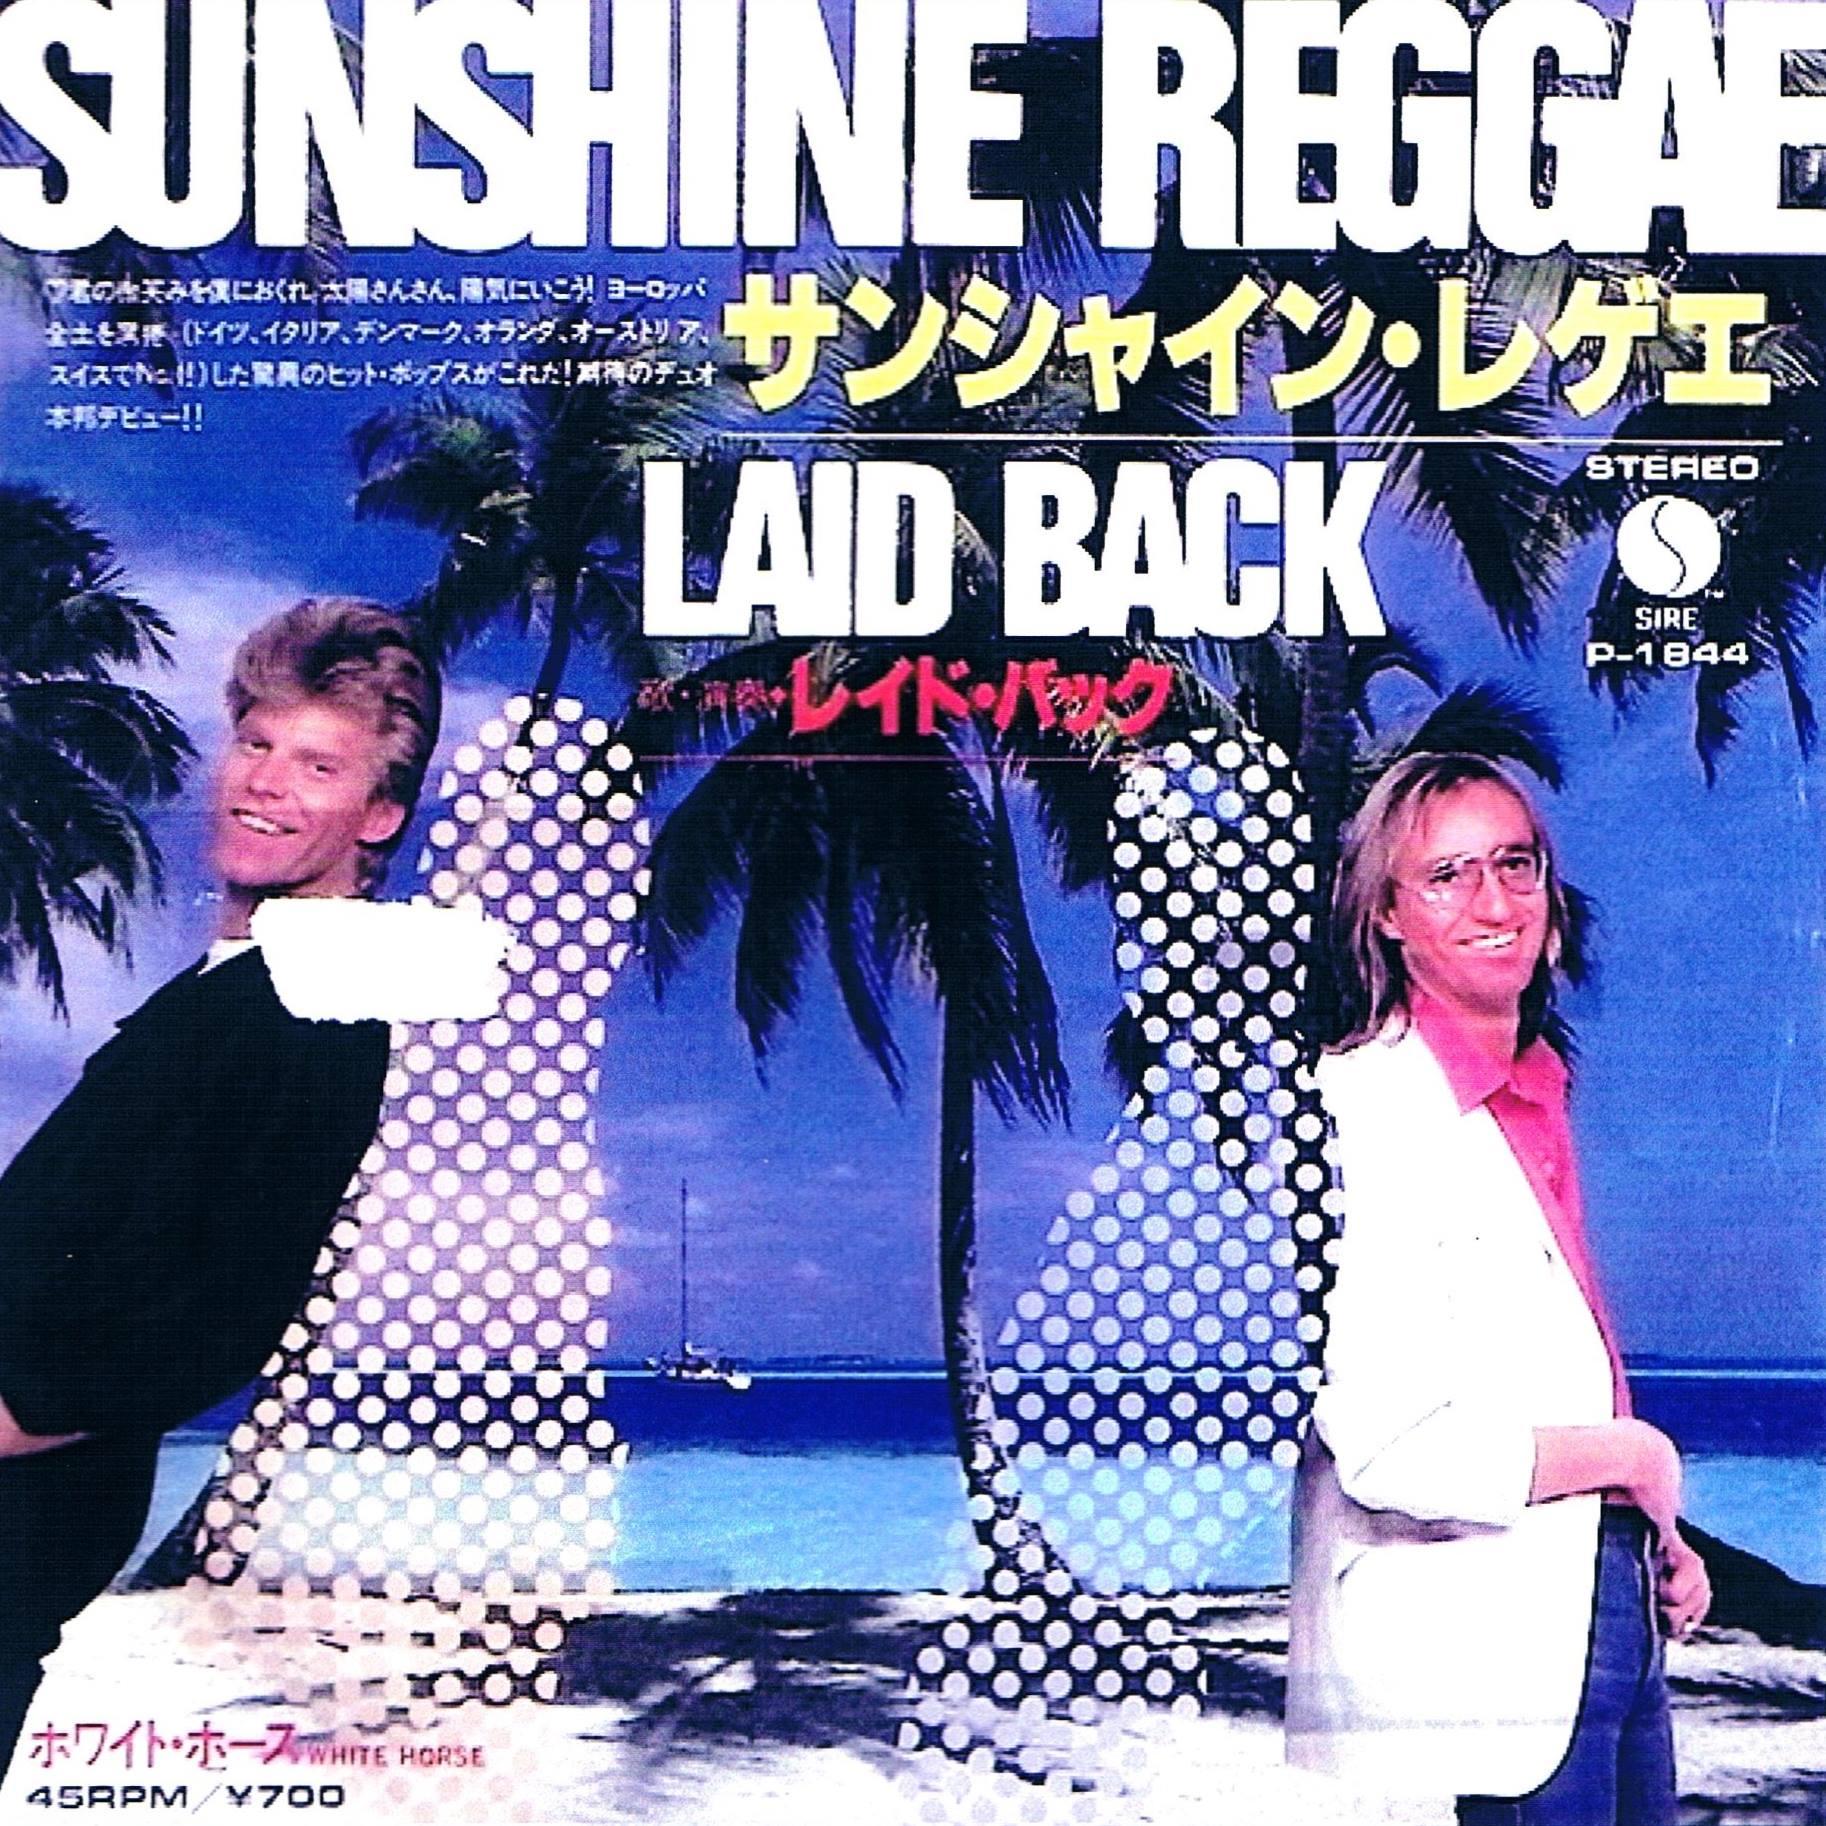 sunshine reggae Sunshine reggae tab (version 1) by laid back at guitaretabcom.